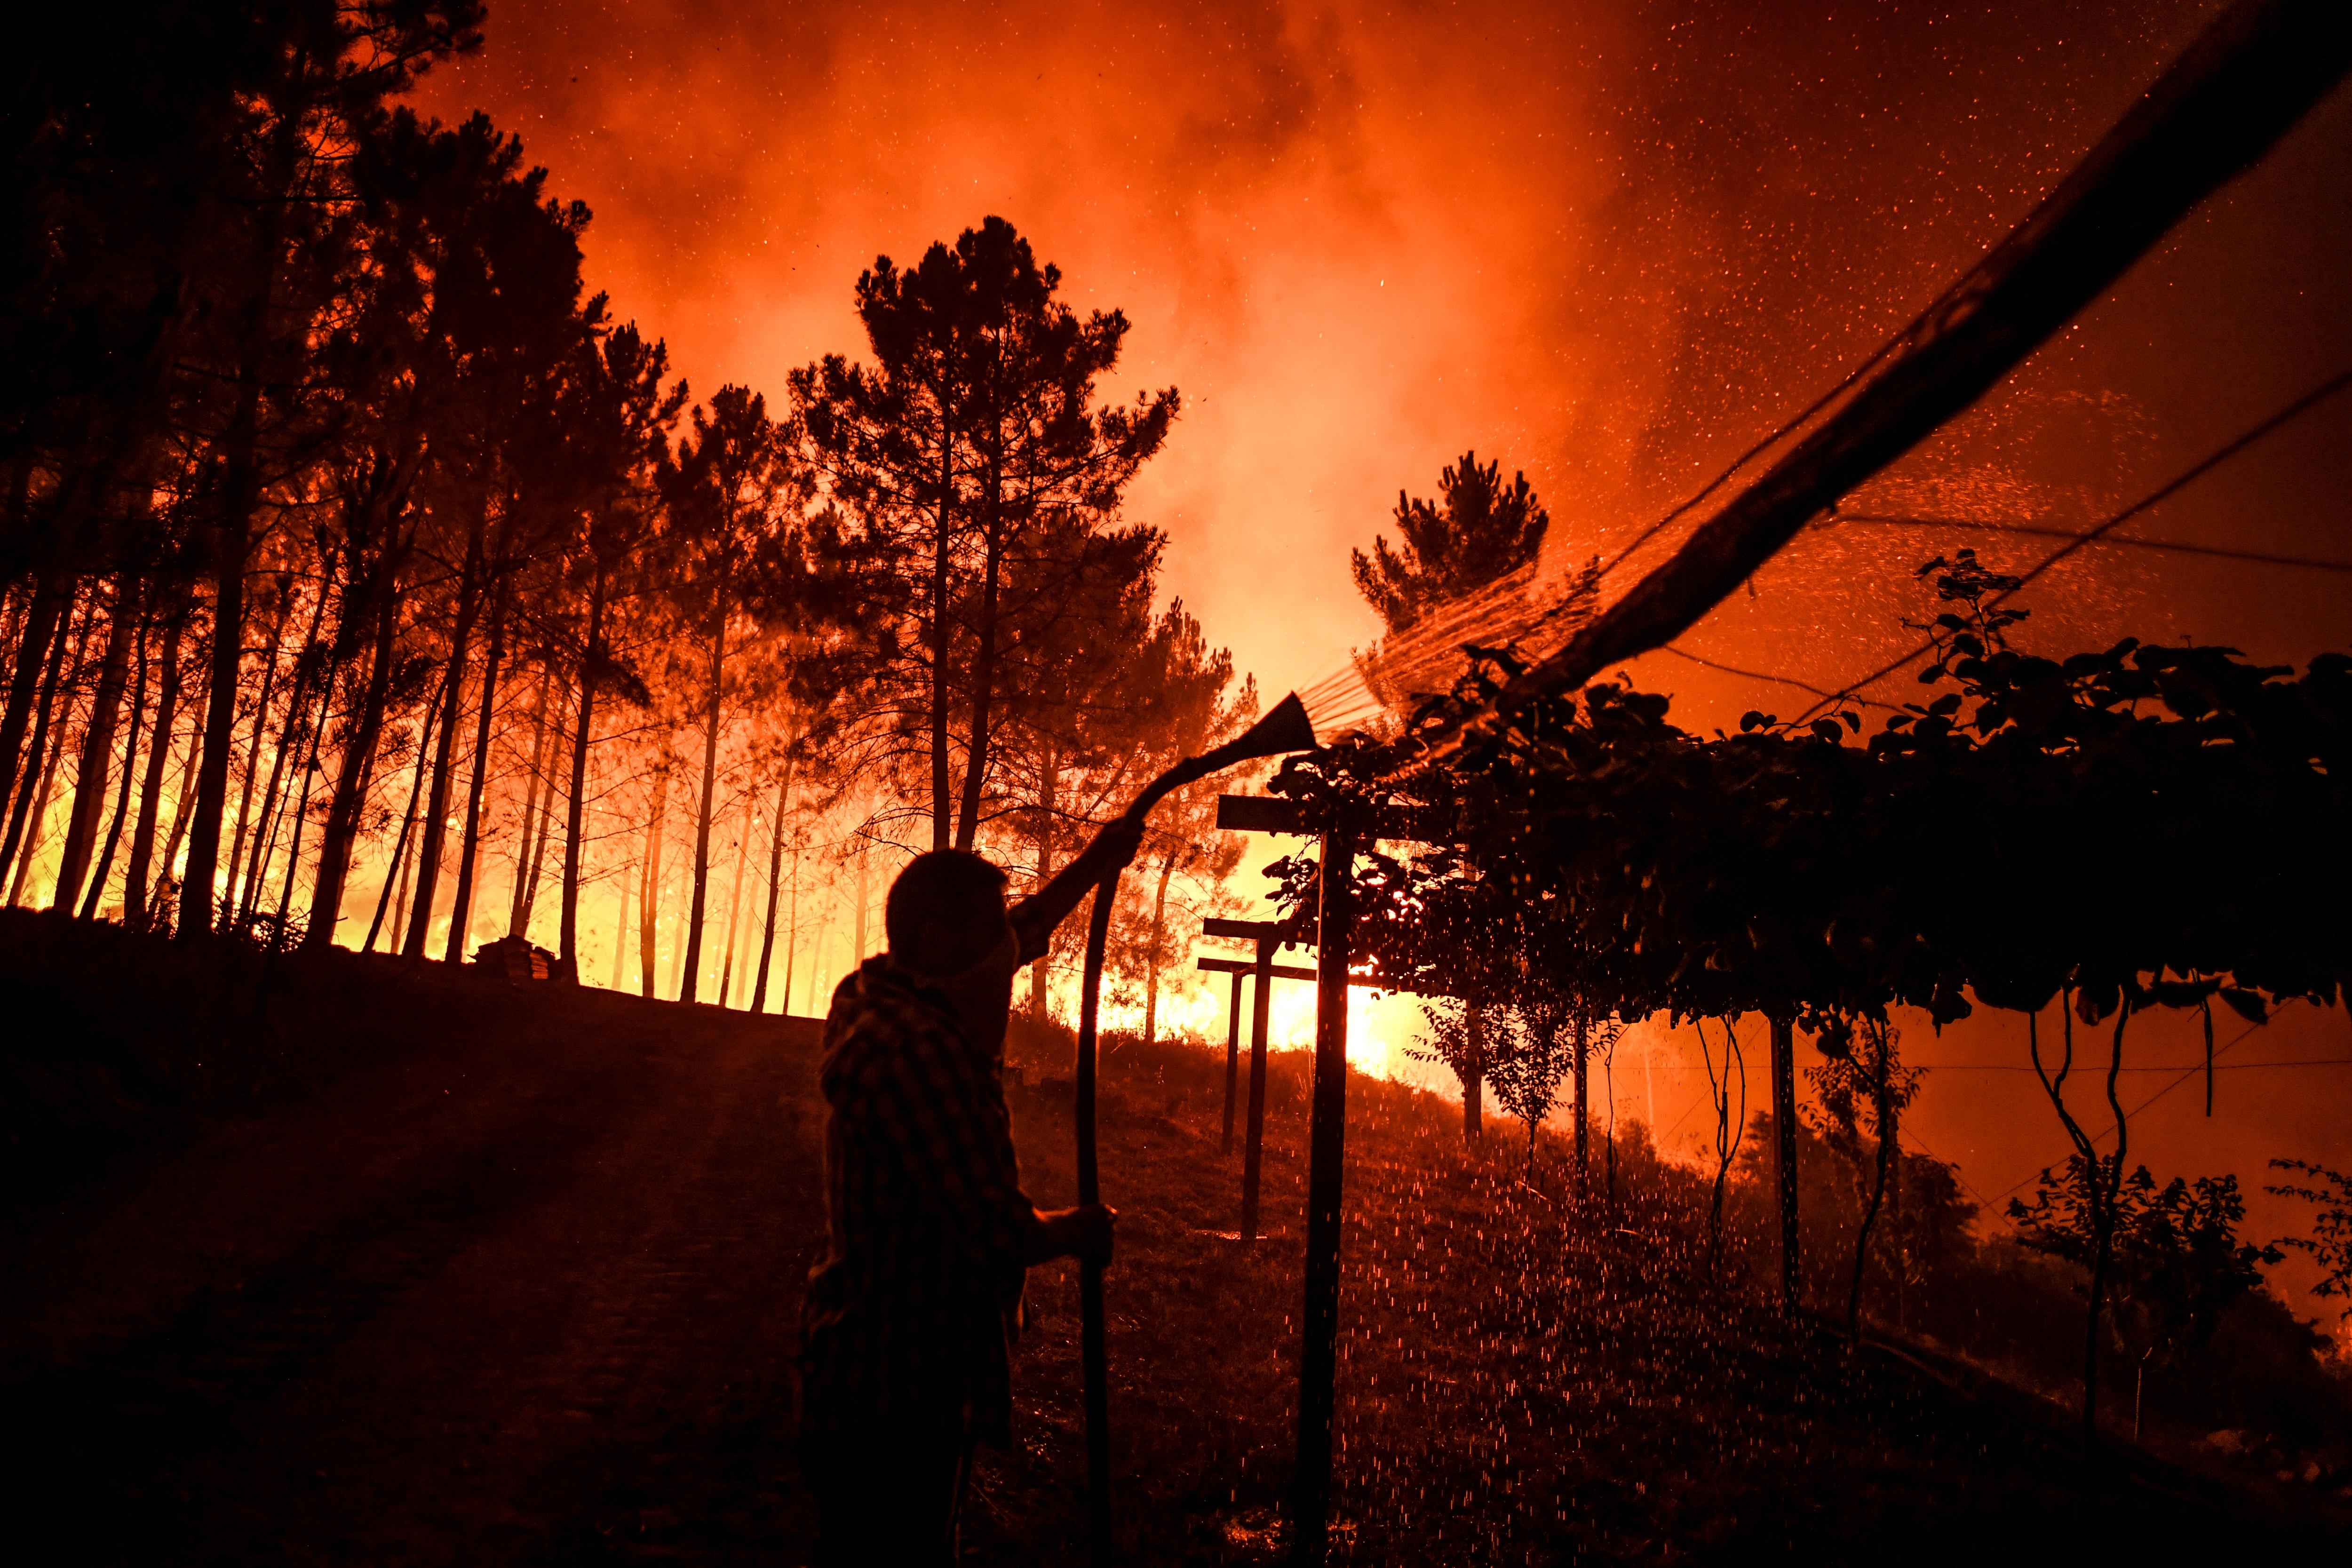 Csak tavaly 400 ezer hektárnyi erdő égett le Európában